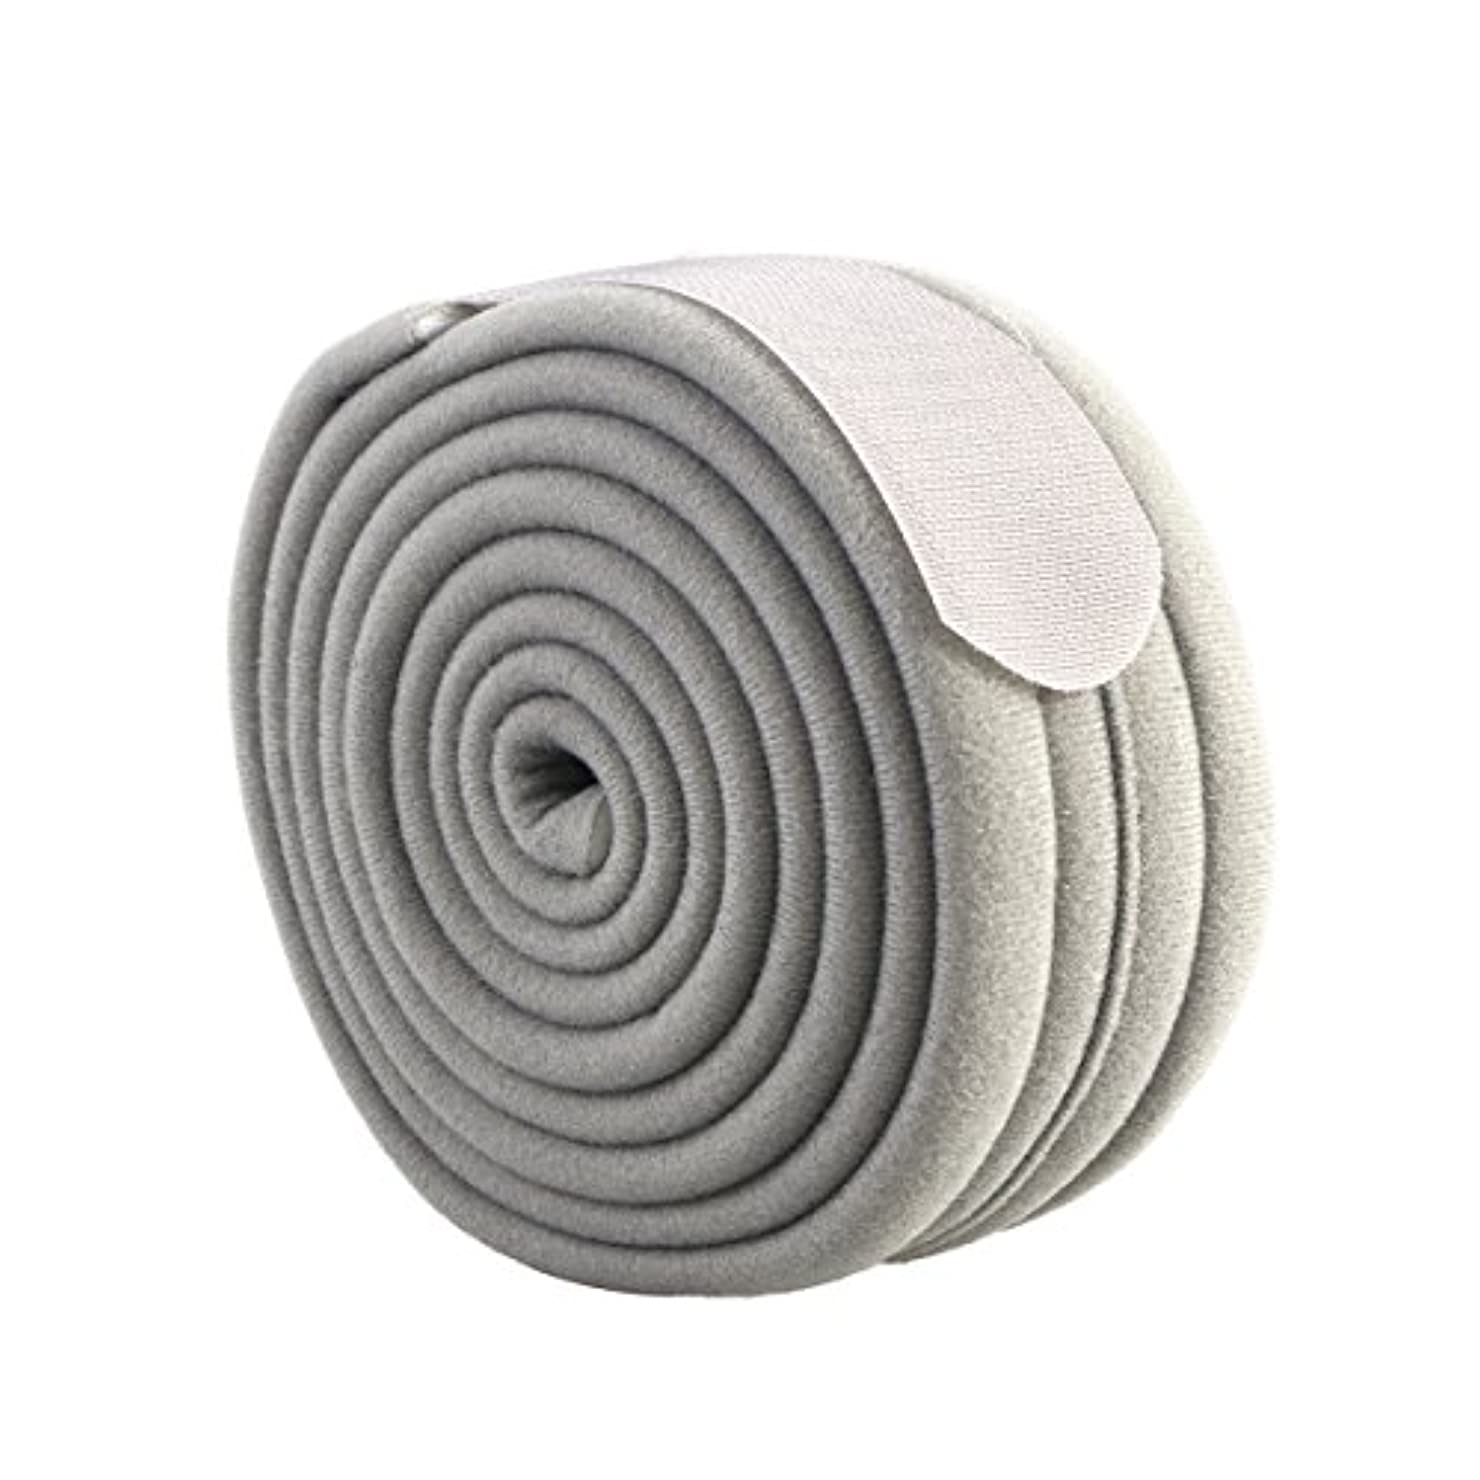 についてキノコユーザーROSENICE アームスリング アームホルダー アームスリング アームのサポート 調節可能 通気性 調節可能 腕の骨折?脱臼時のギプス固定 男性 女性